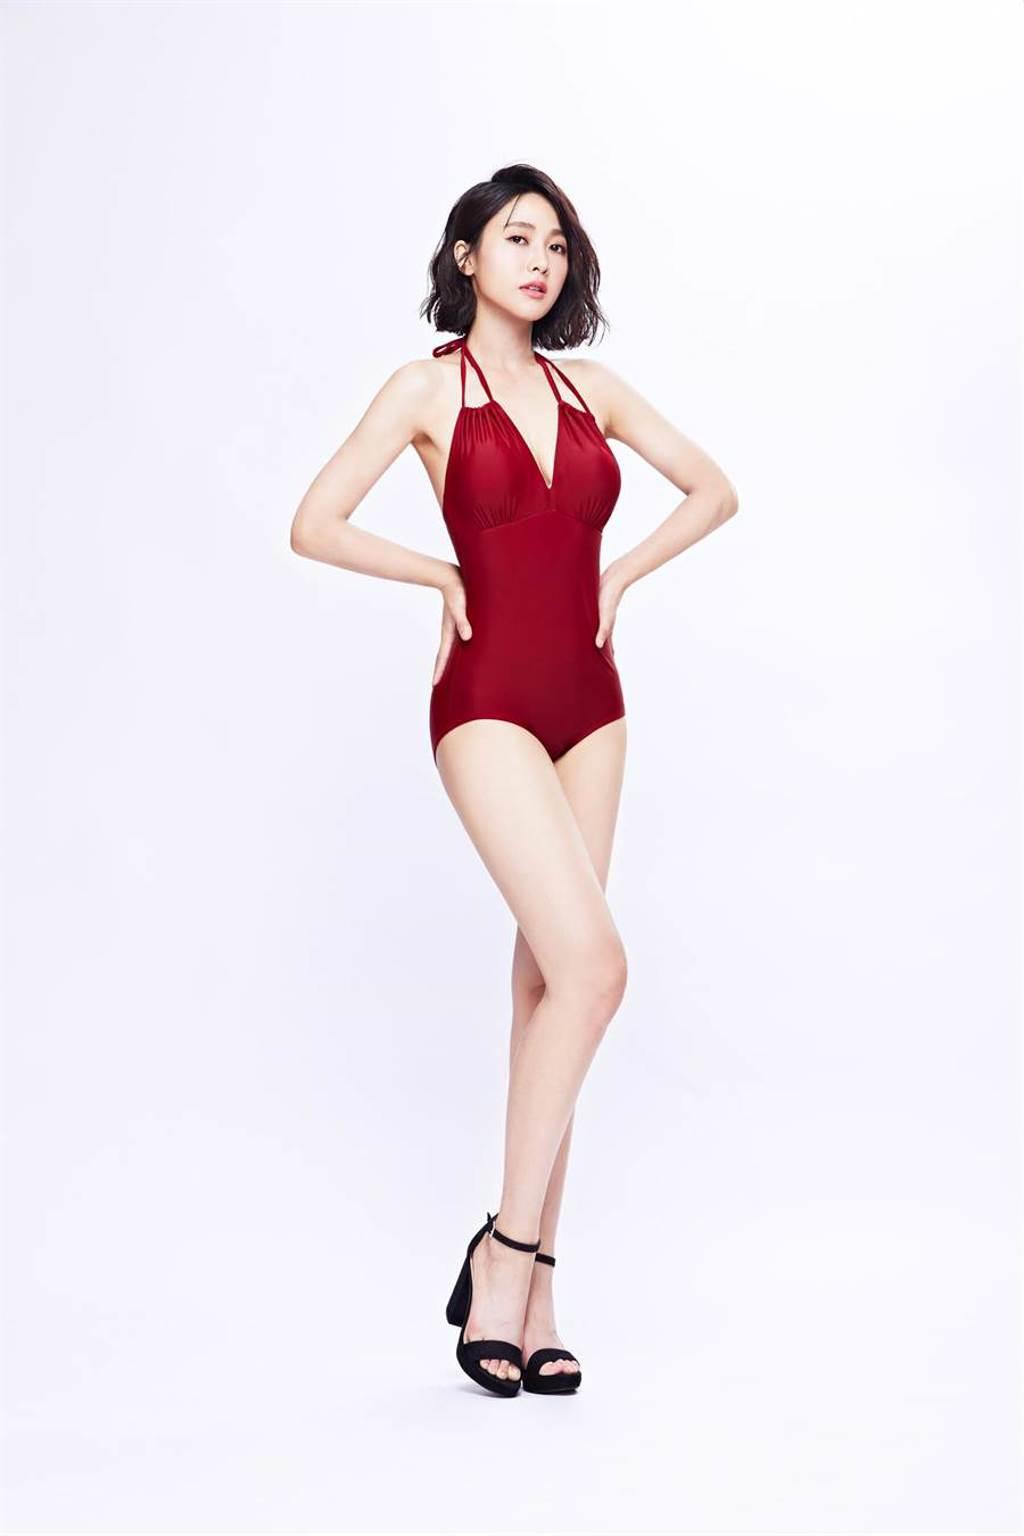 大元穿著性感紅色綁帶連身高衩泳裝。(Laler提供)